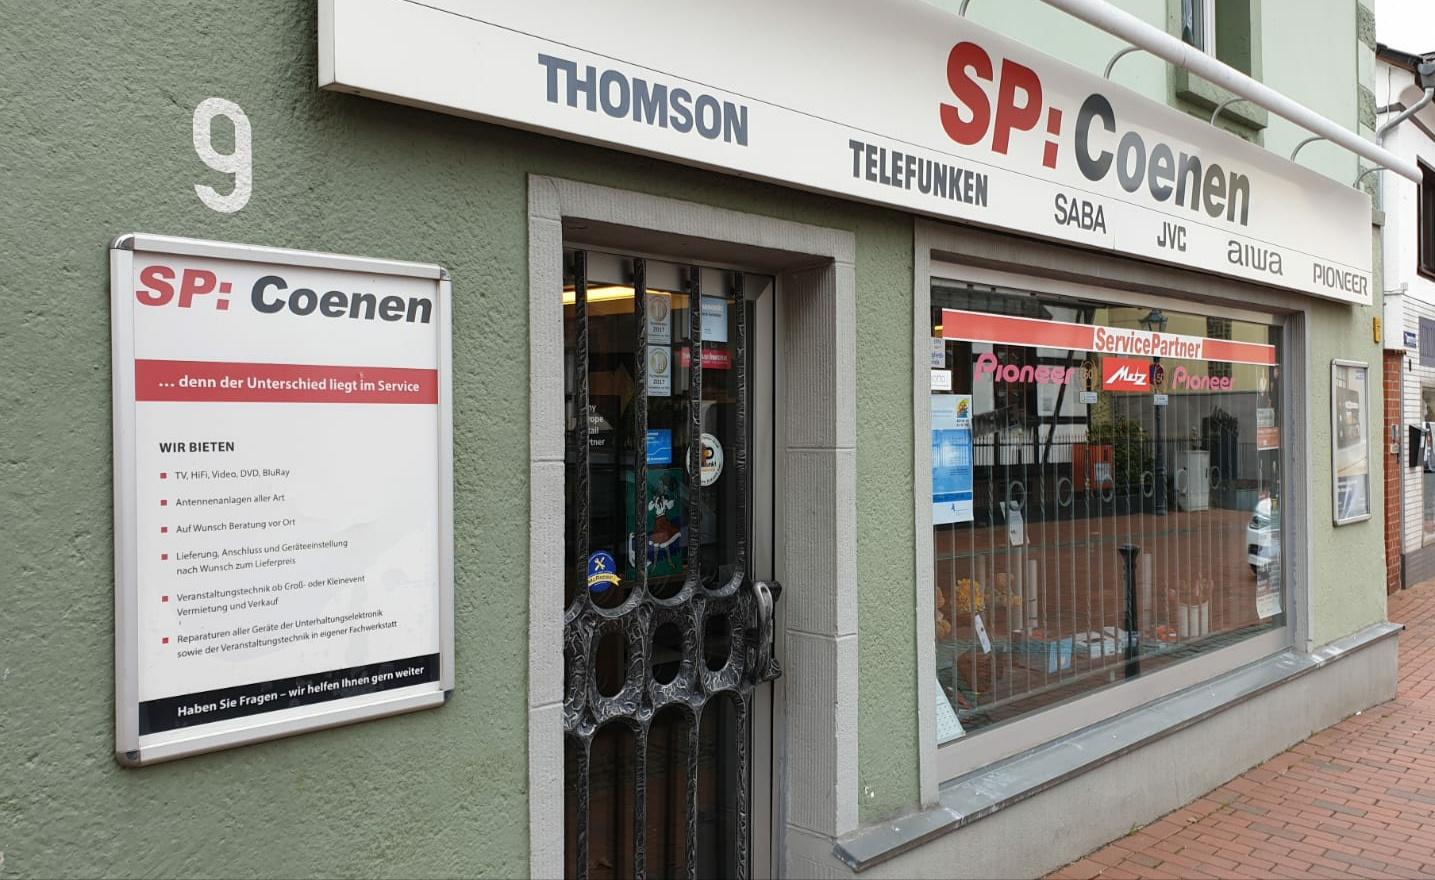 SP: Coenen